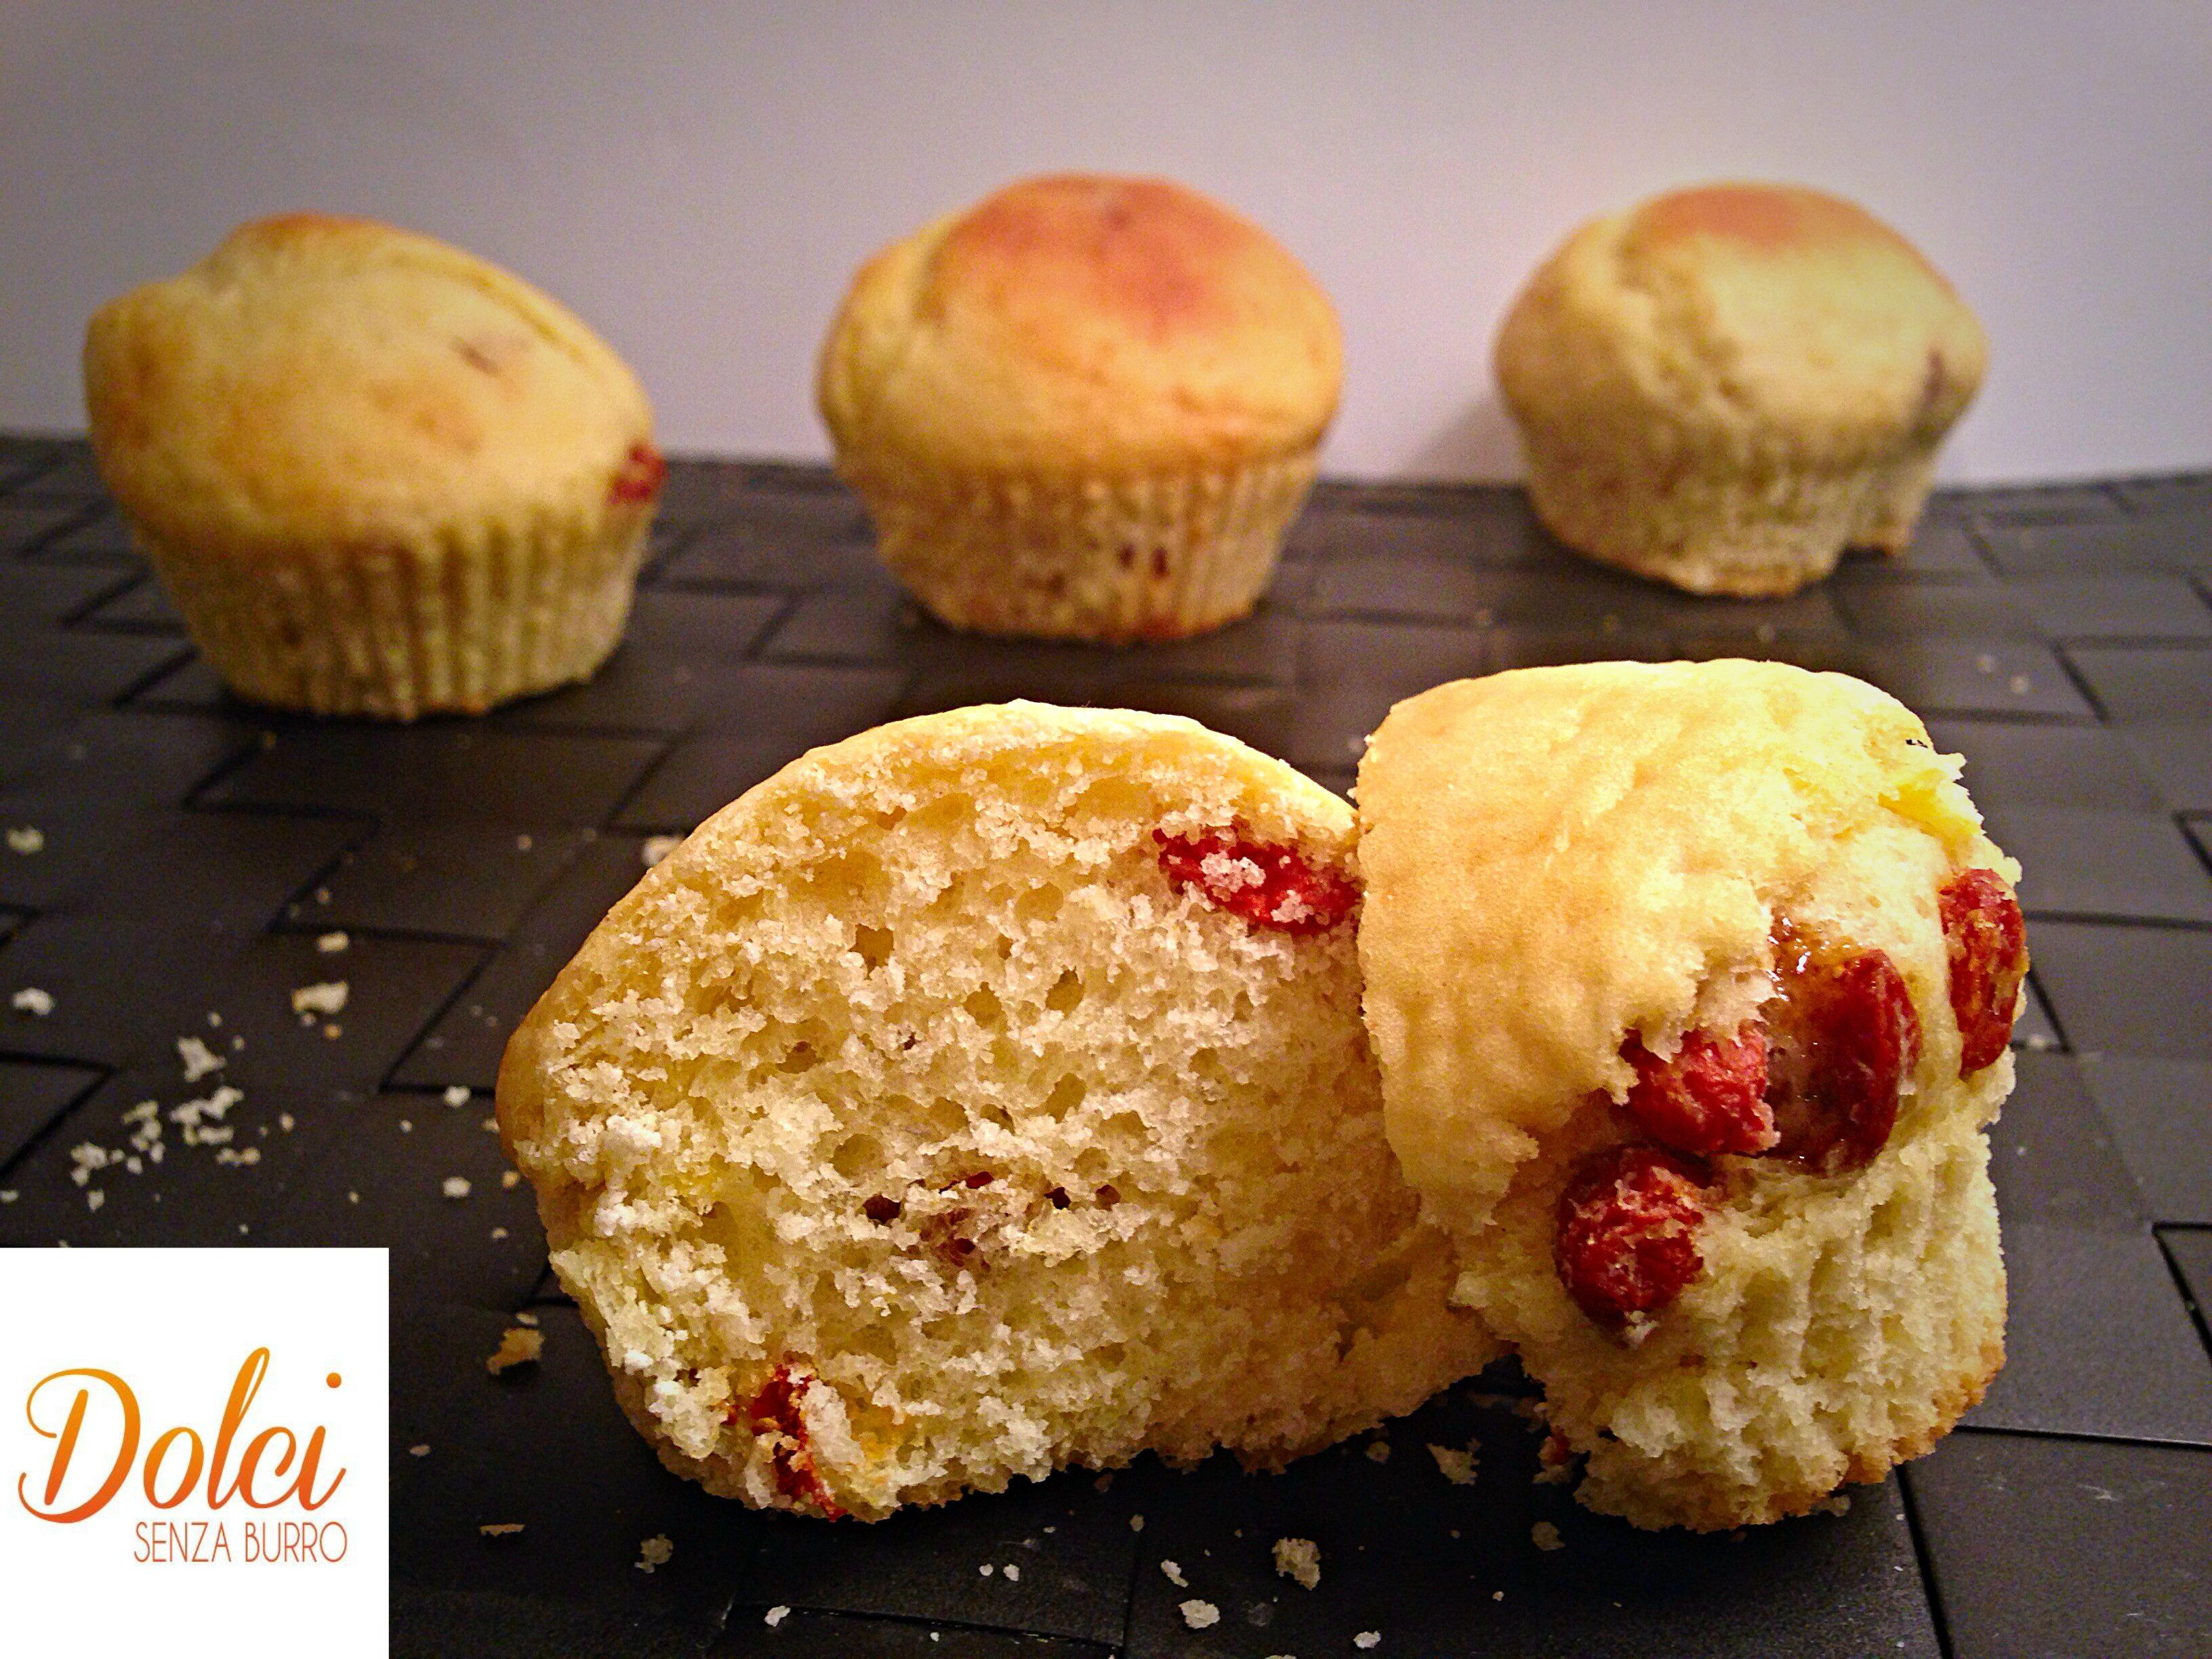 Muffin con Bacche di Goji Senza Burro leggeri e salutari di dolci senza burro